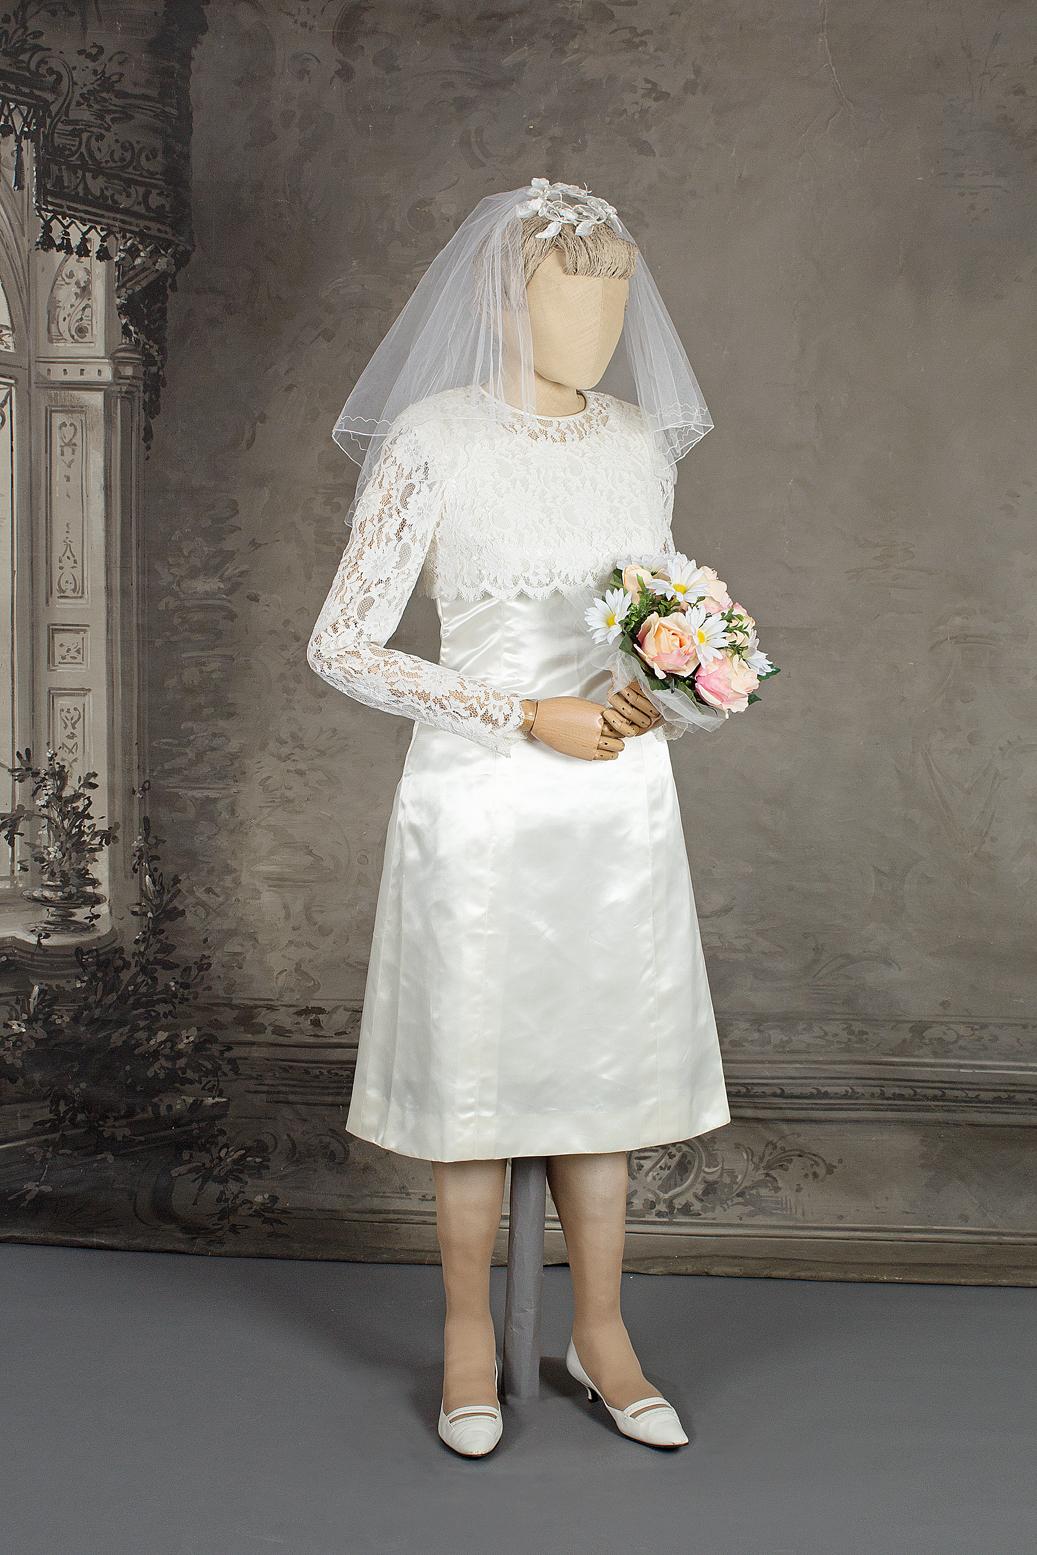 Mallinuken päällä valkea polviin ulottuva hääpuku. Häät 1965